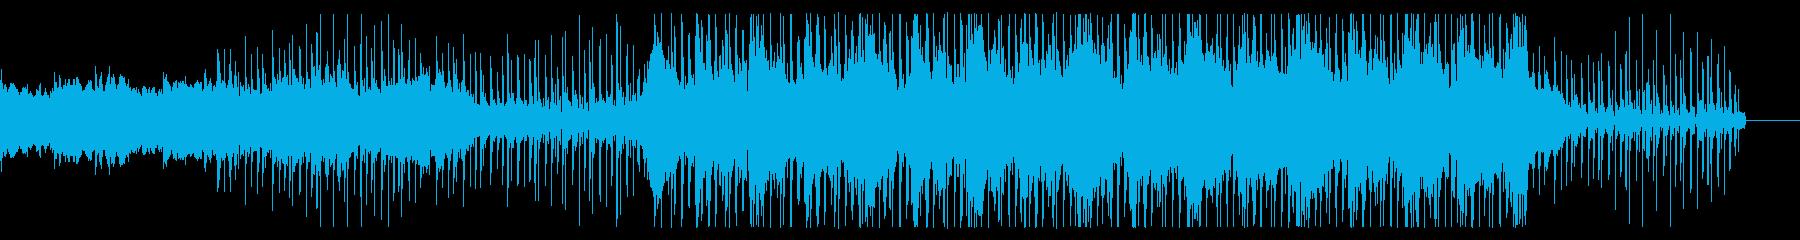 緊張感と落ち着きのあるエレクトロ楽曲の再生済みの波形